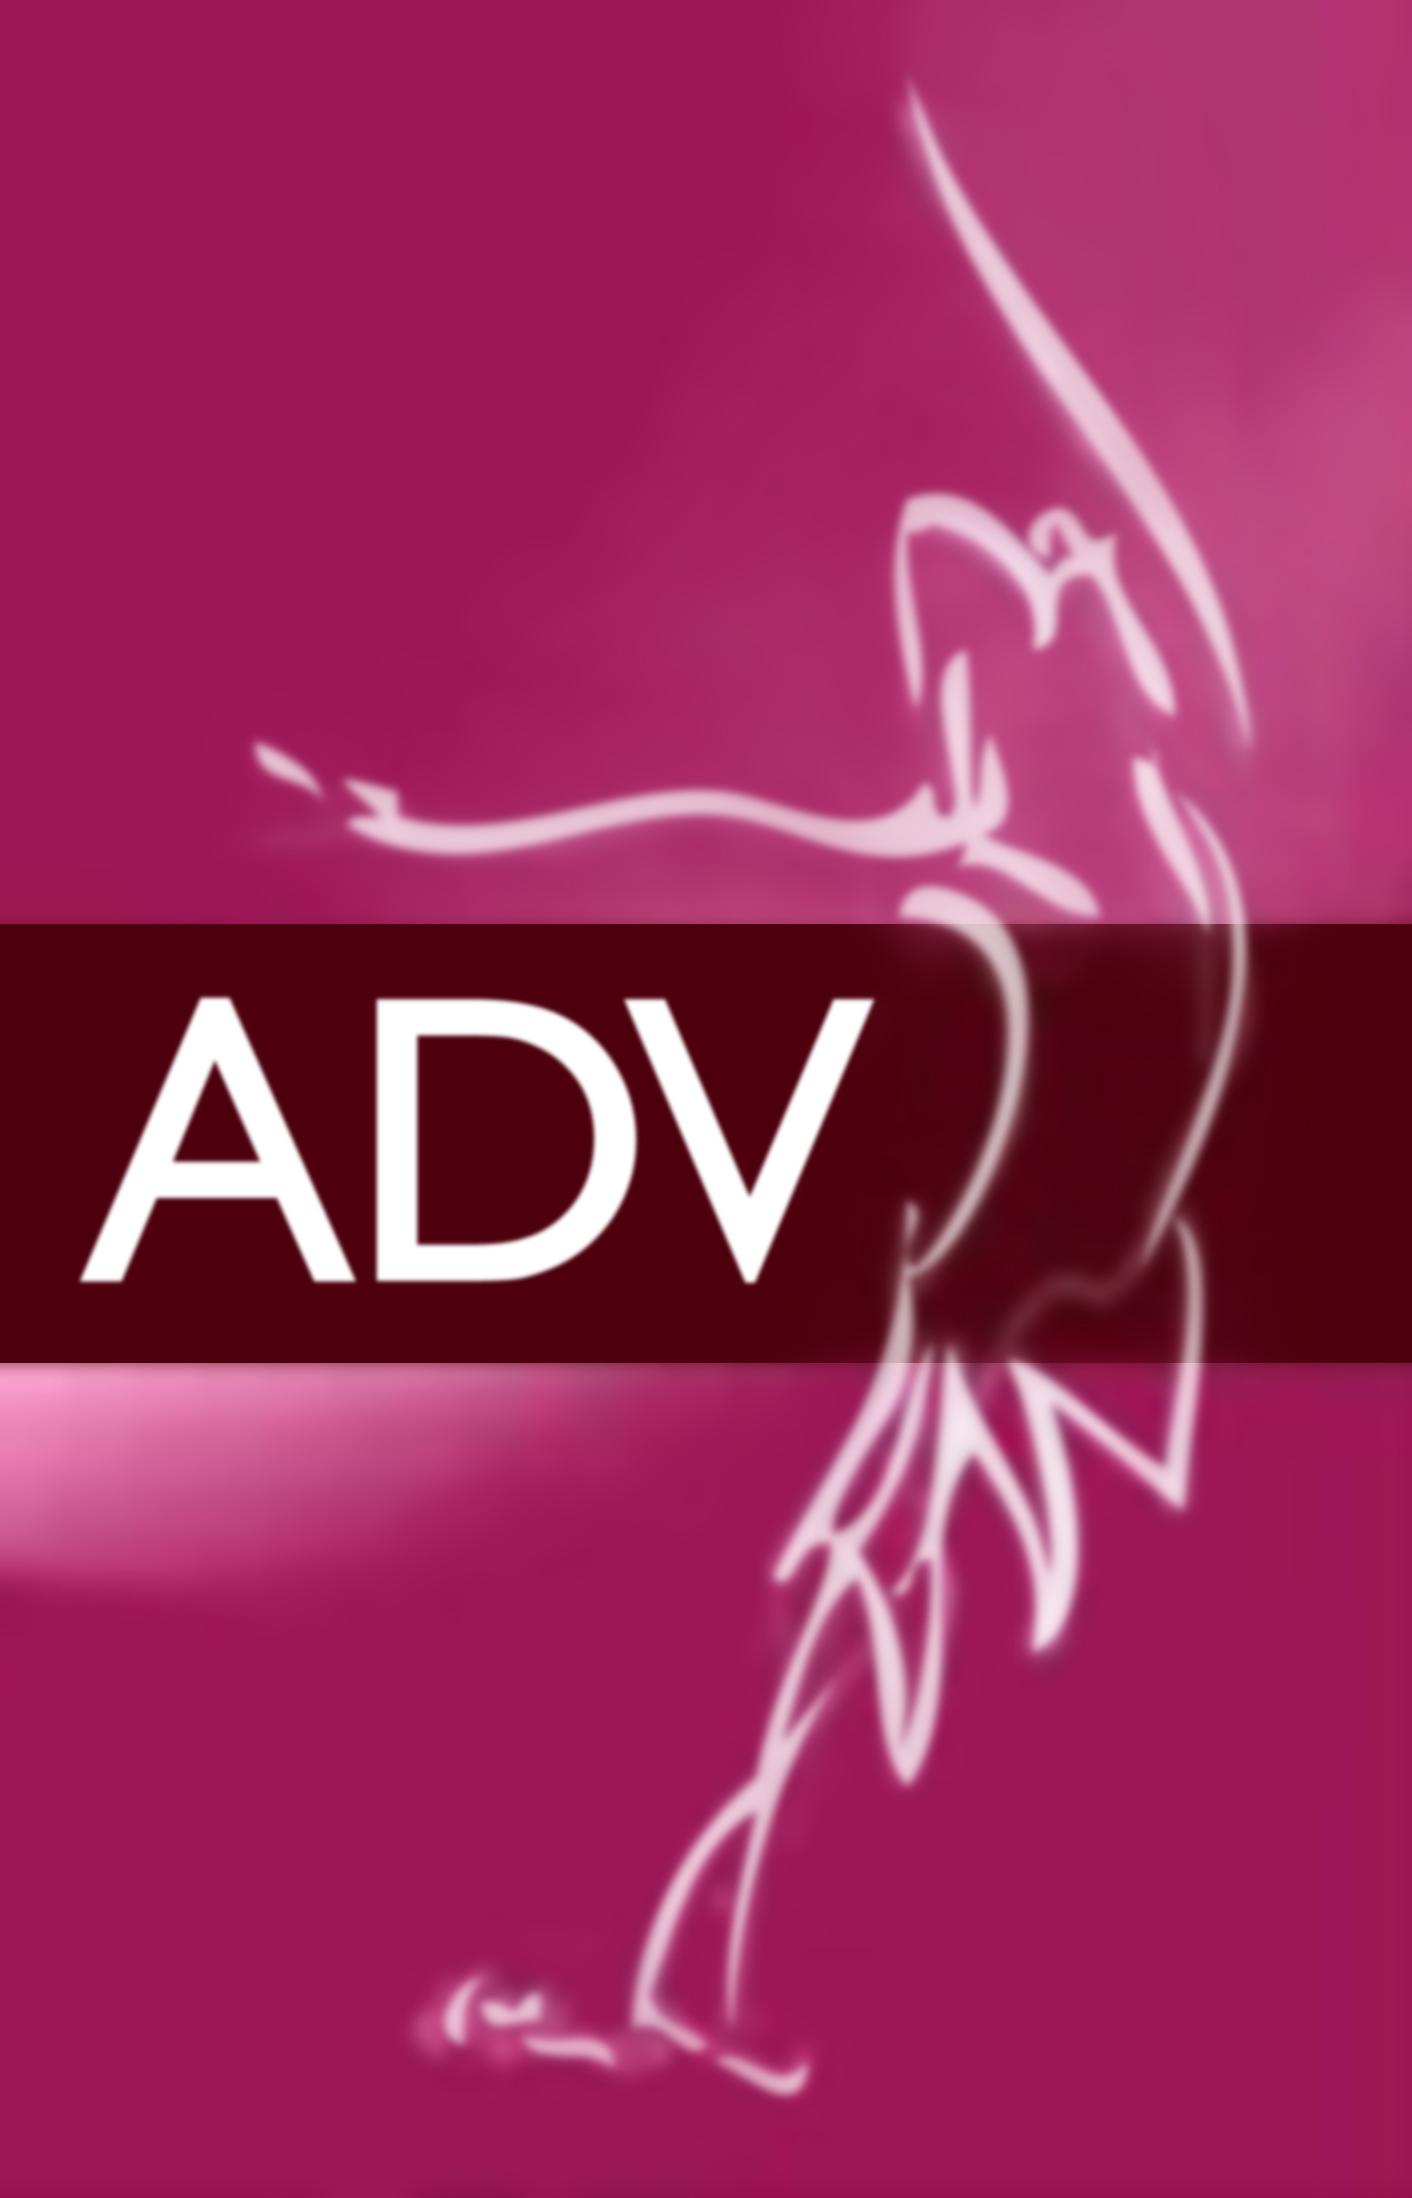 Australian Dance Vision